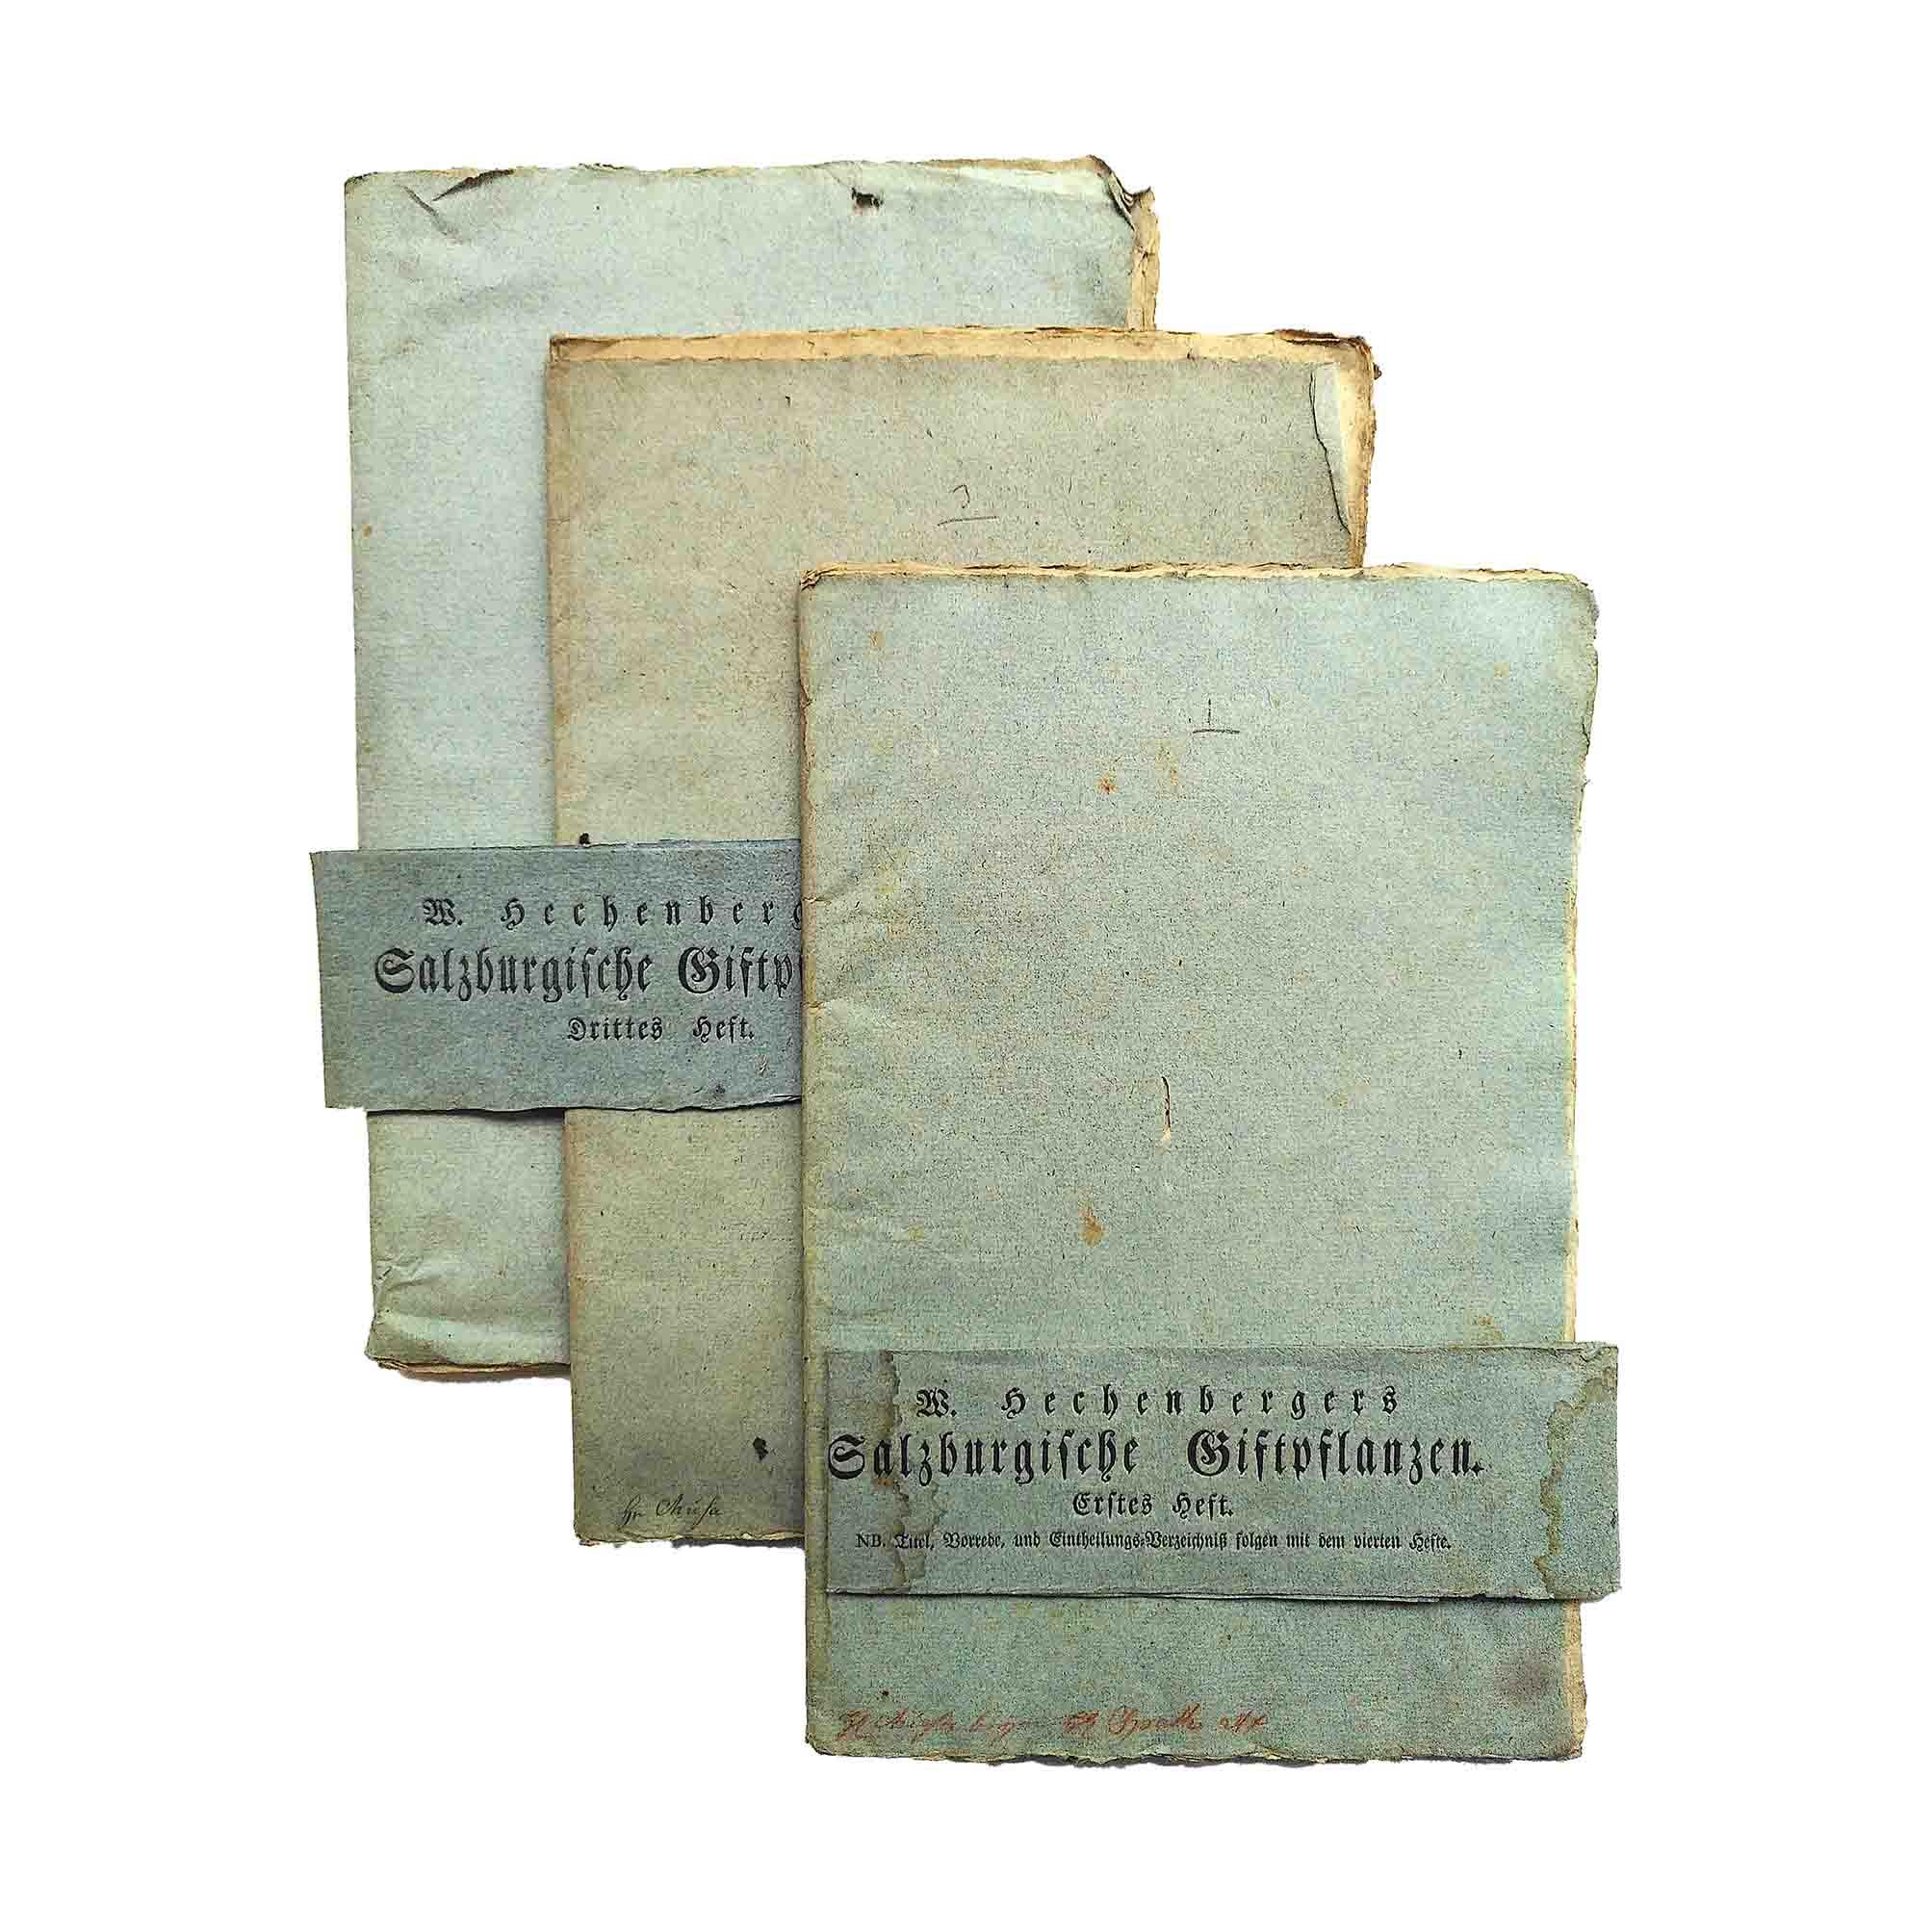 5965-Hechenberger-Salzburgische-Giftpflanzen-1810-Umschlaege-N.jpg